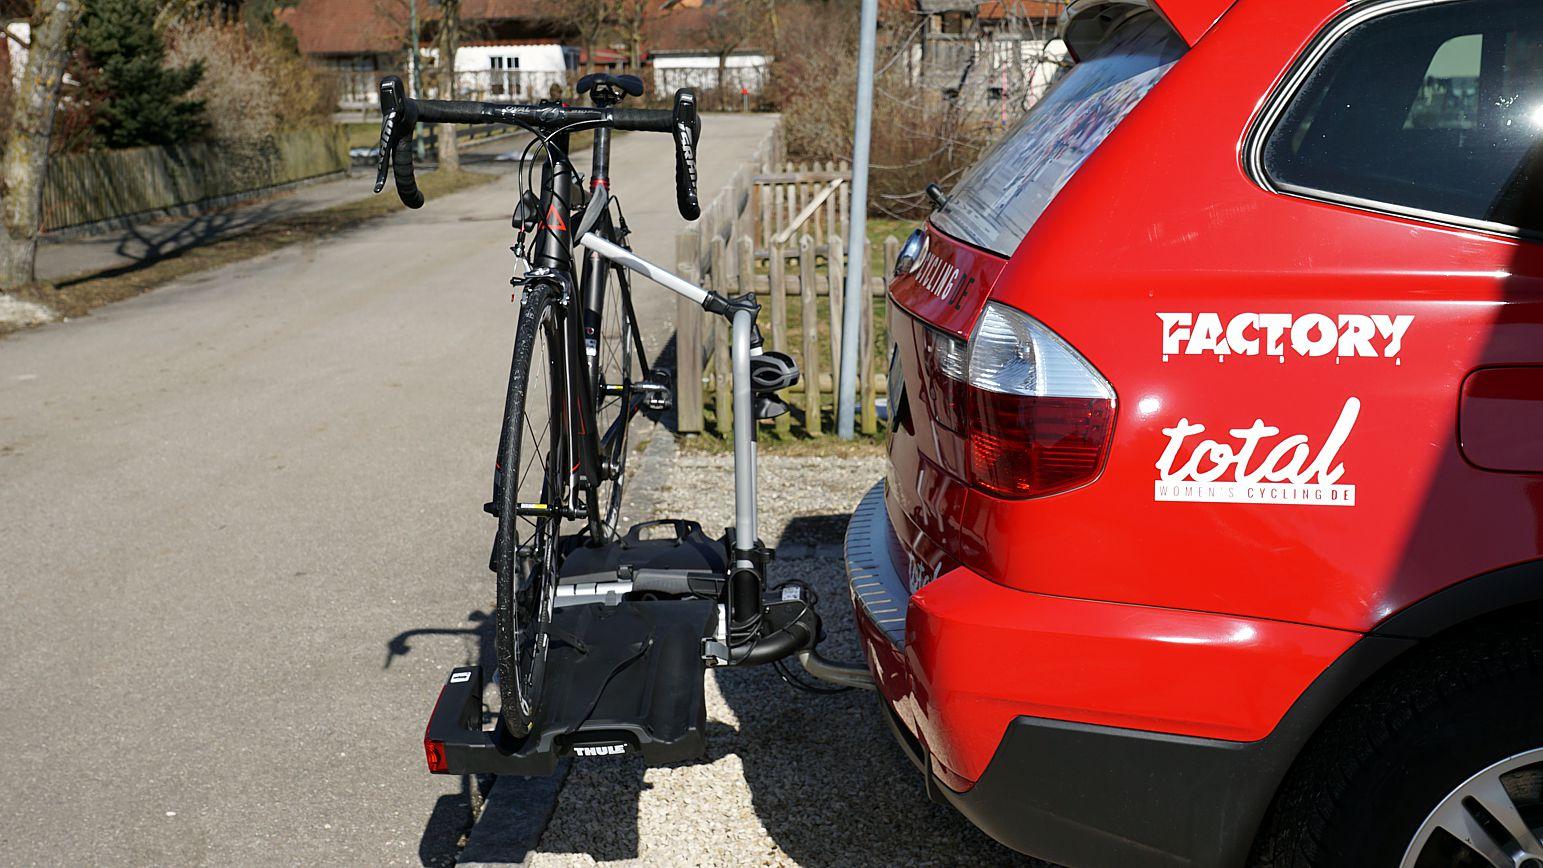 Richtig montiert steht das Rad parallel zum Heck das Autos und lässt sich dank der abschließbaren Trägersicherung und der Oberrohrschelle auch nicht ohne weiteres entwenden.